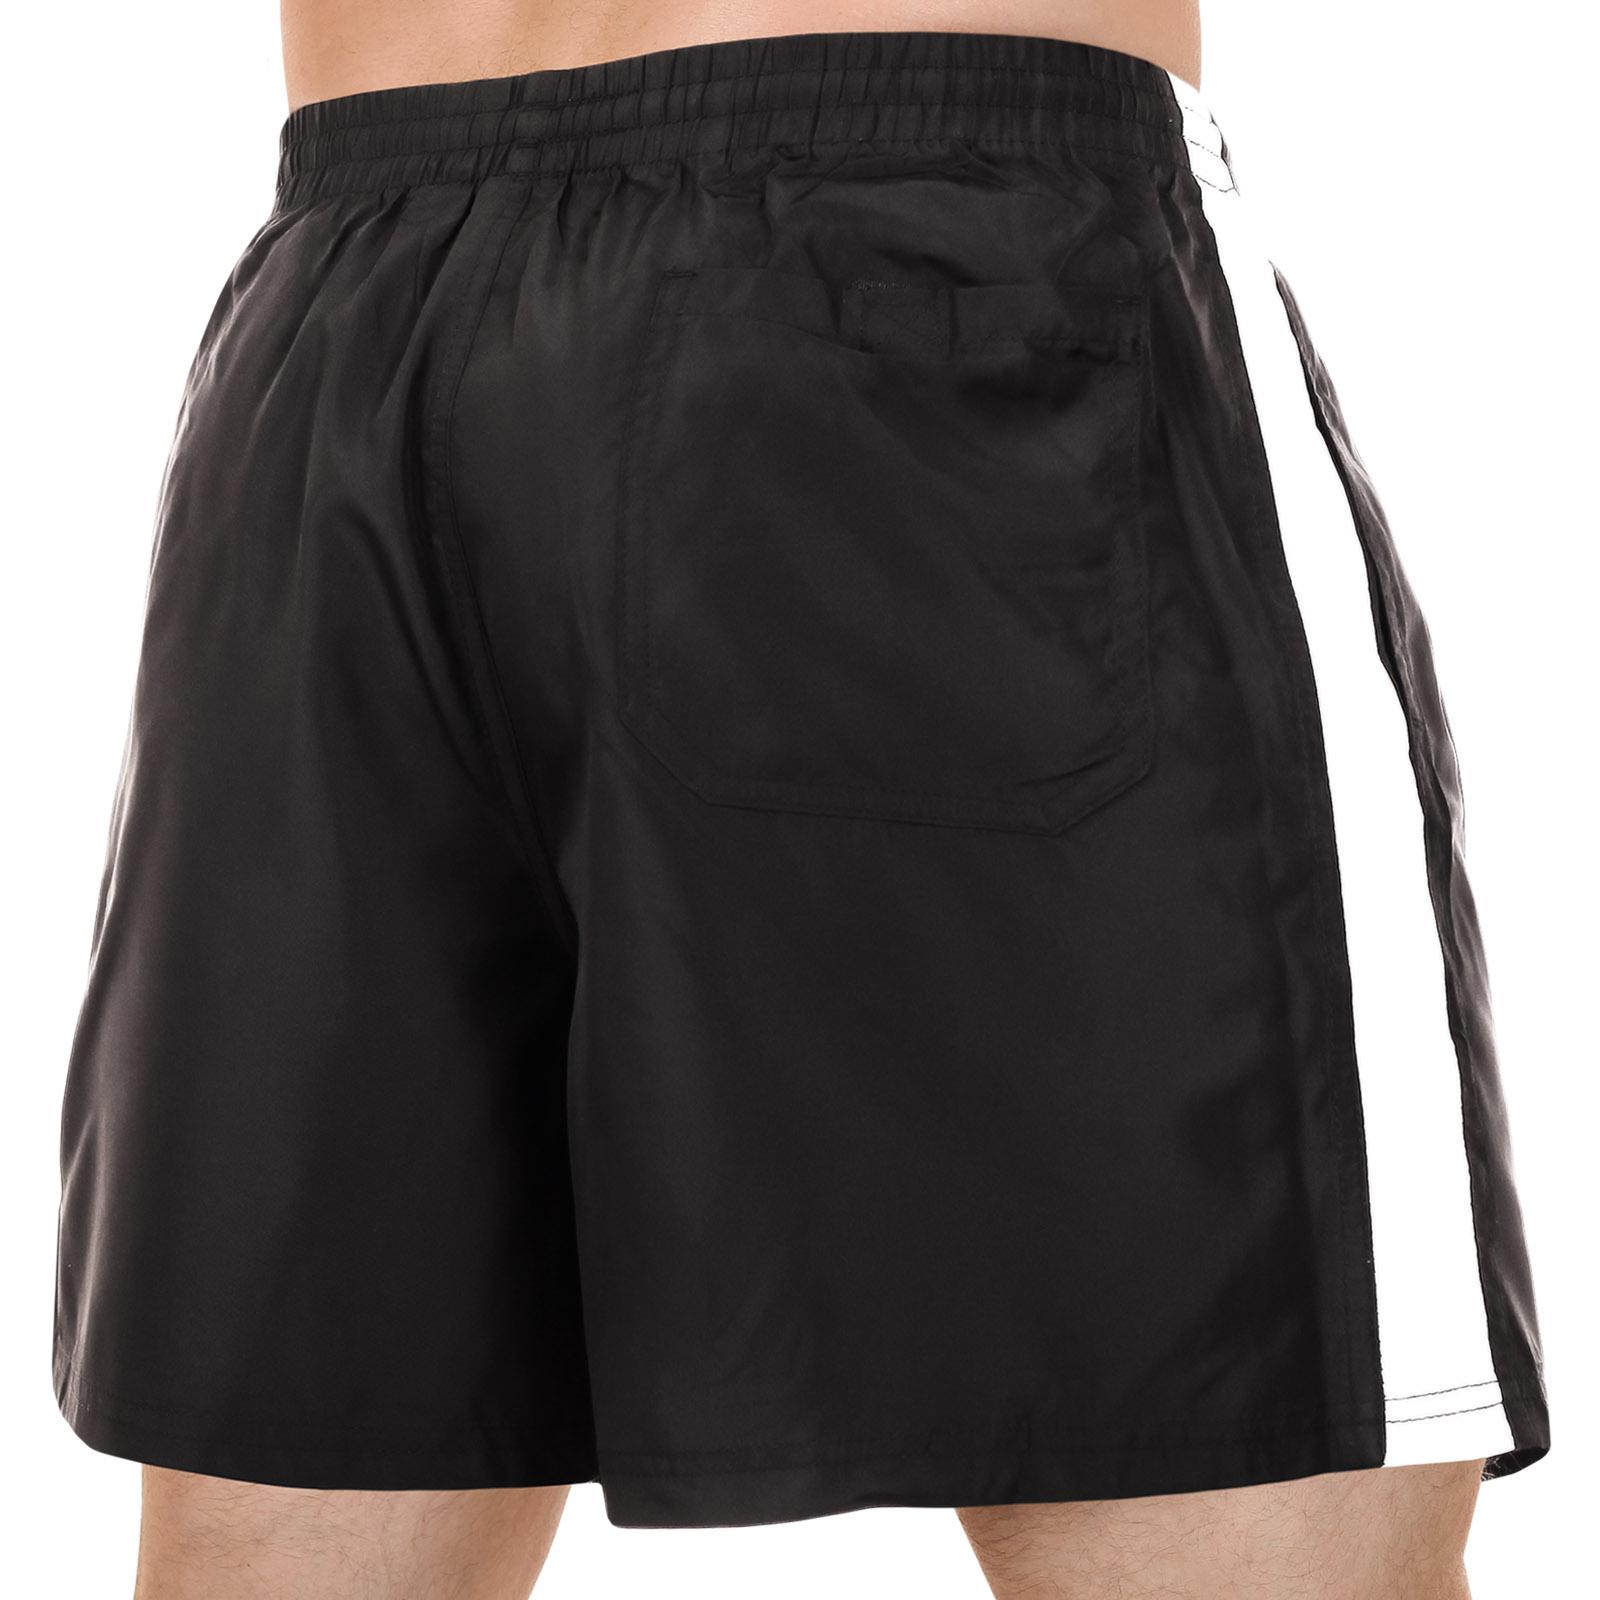 Мужские купальные шорты брендового качества от MACE по низкой цене